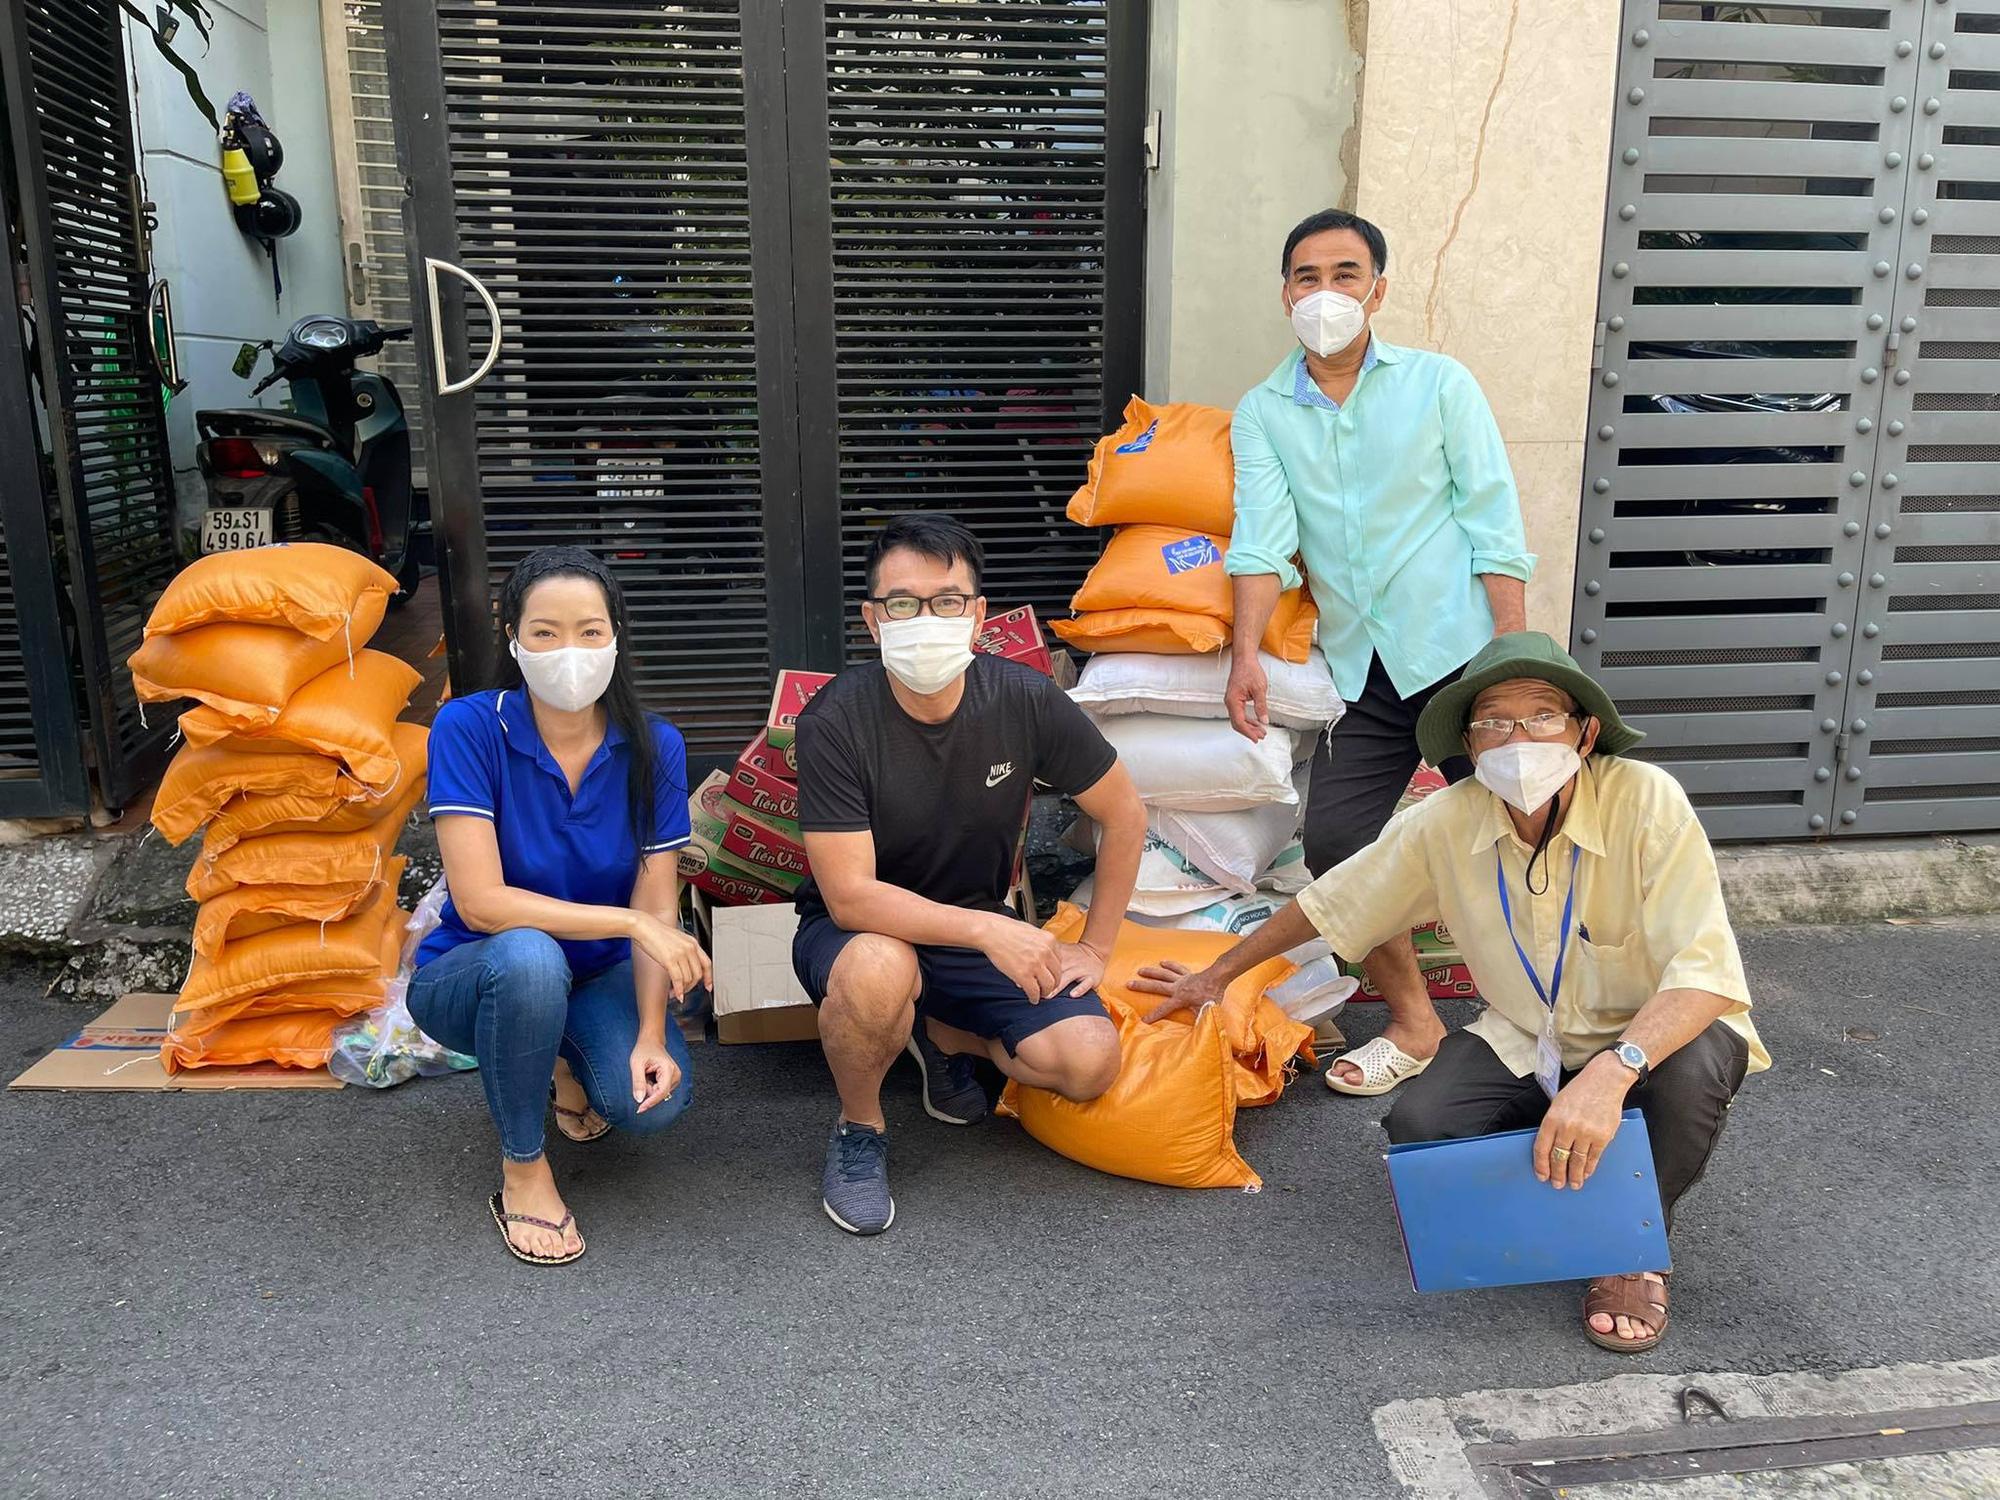 """MC Quyền Linh """"tiếp lửa"""" hỗ trợ 10 tấn gạo cho nhân viên sân khấu, nghệ sĩ nghèo ở TP.HCM - Ảnh 4."""